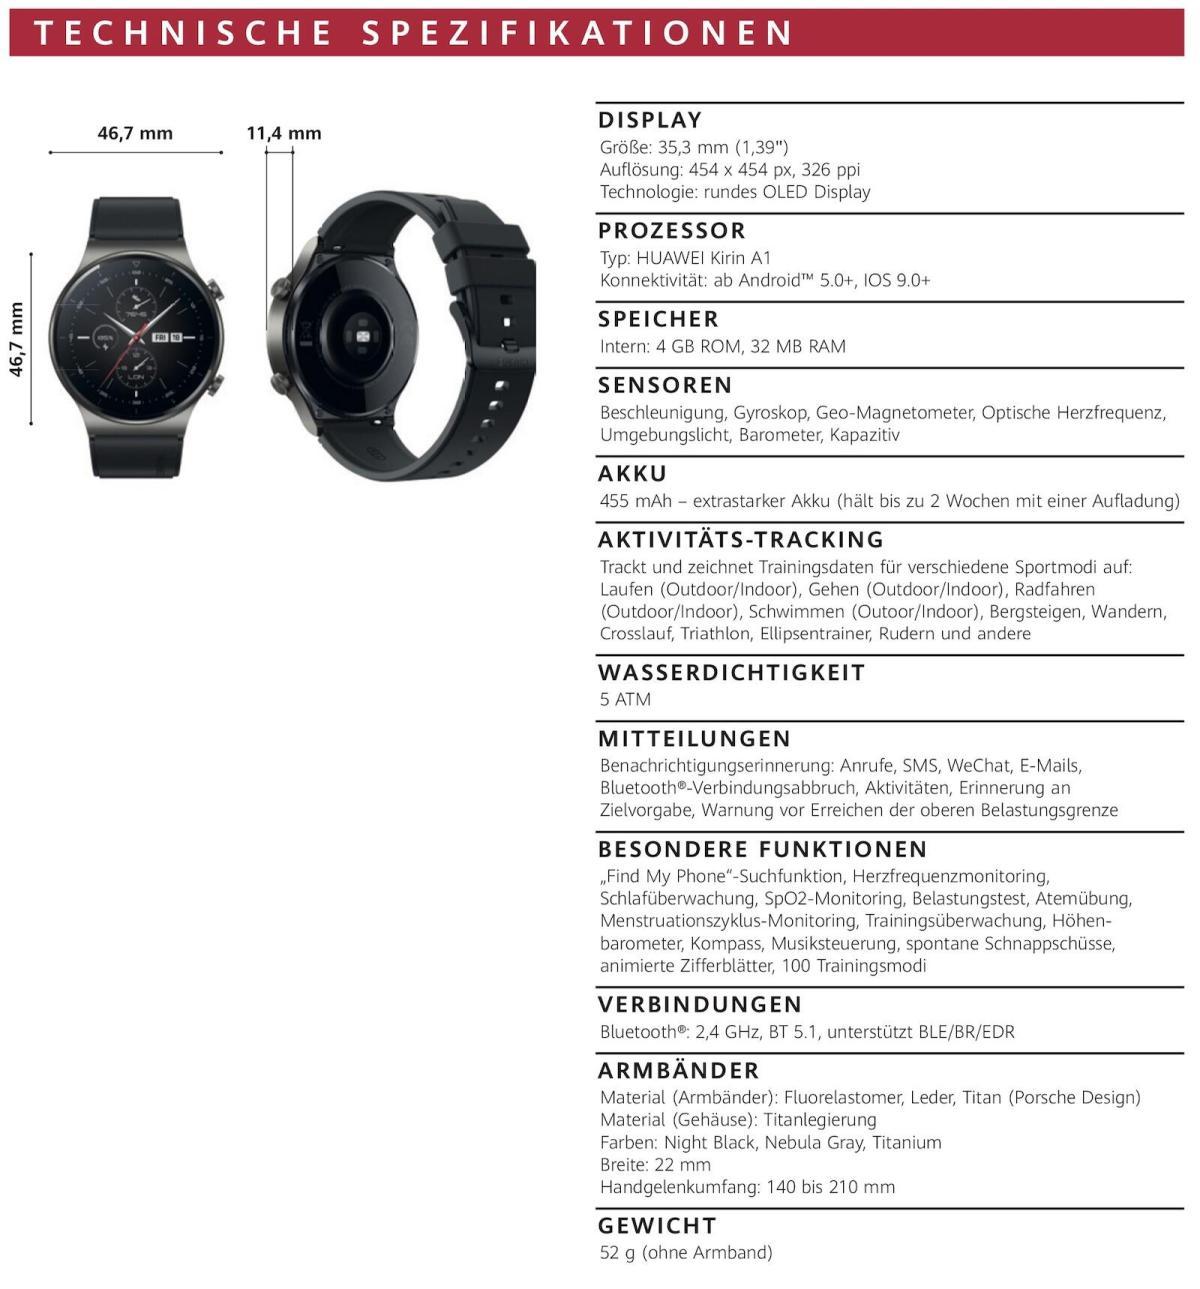 Huawei Watch Gt 2 Pro Specs